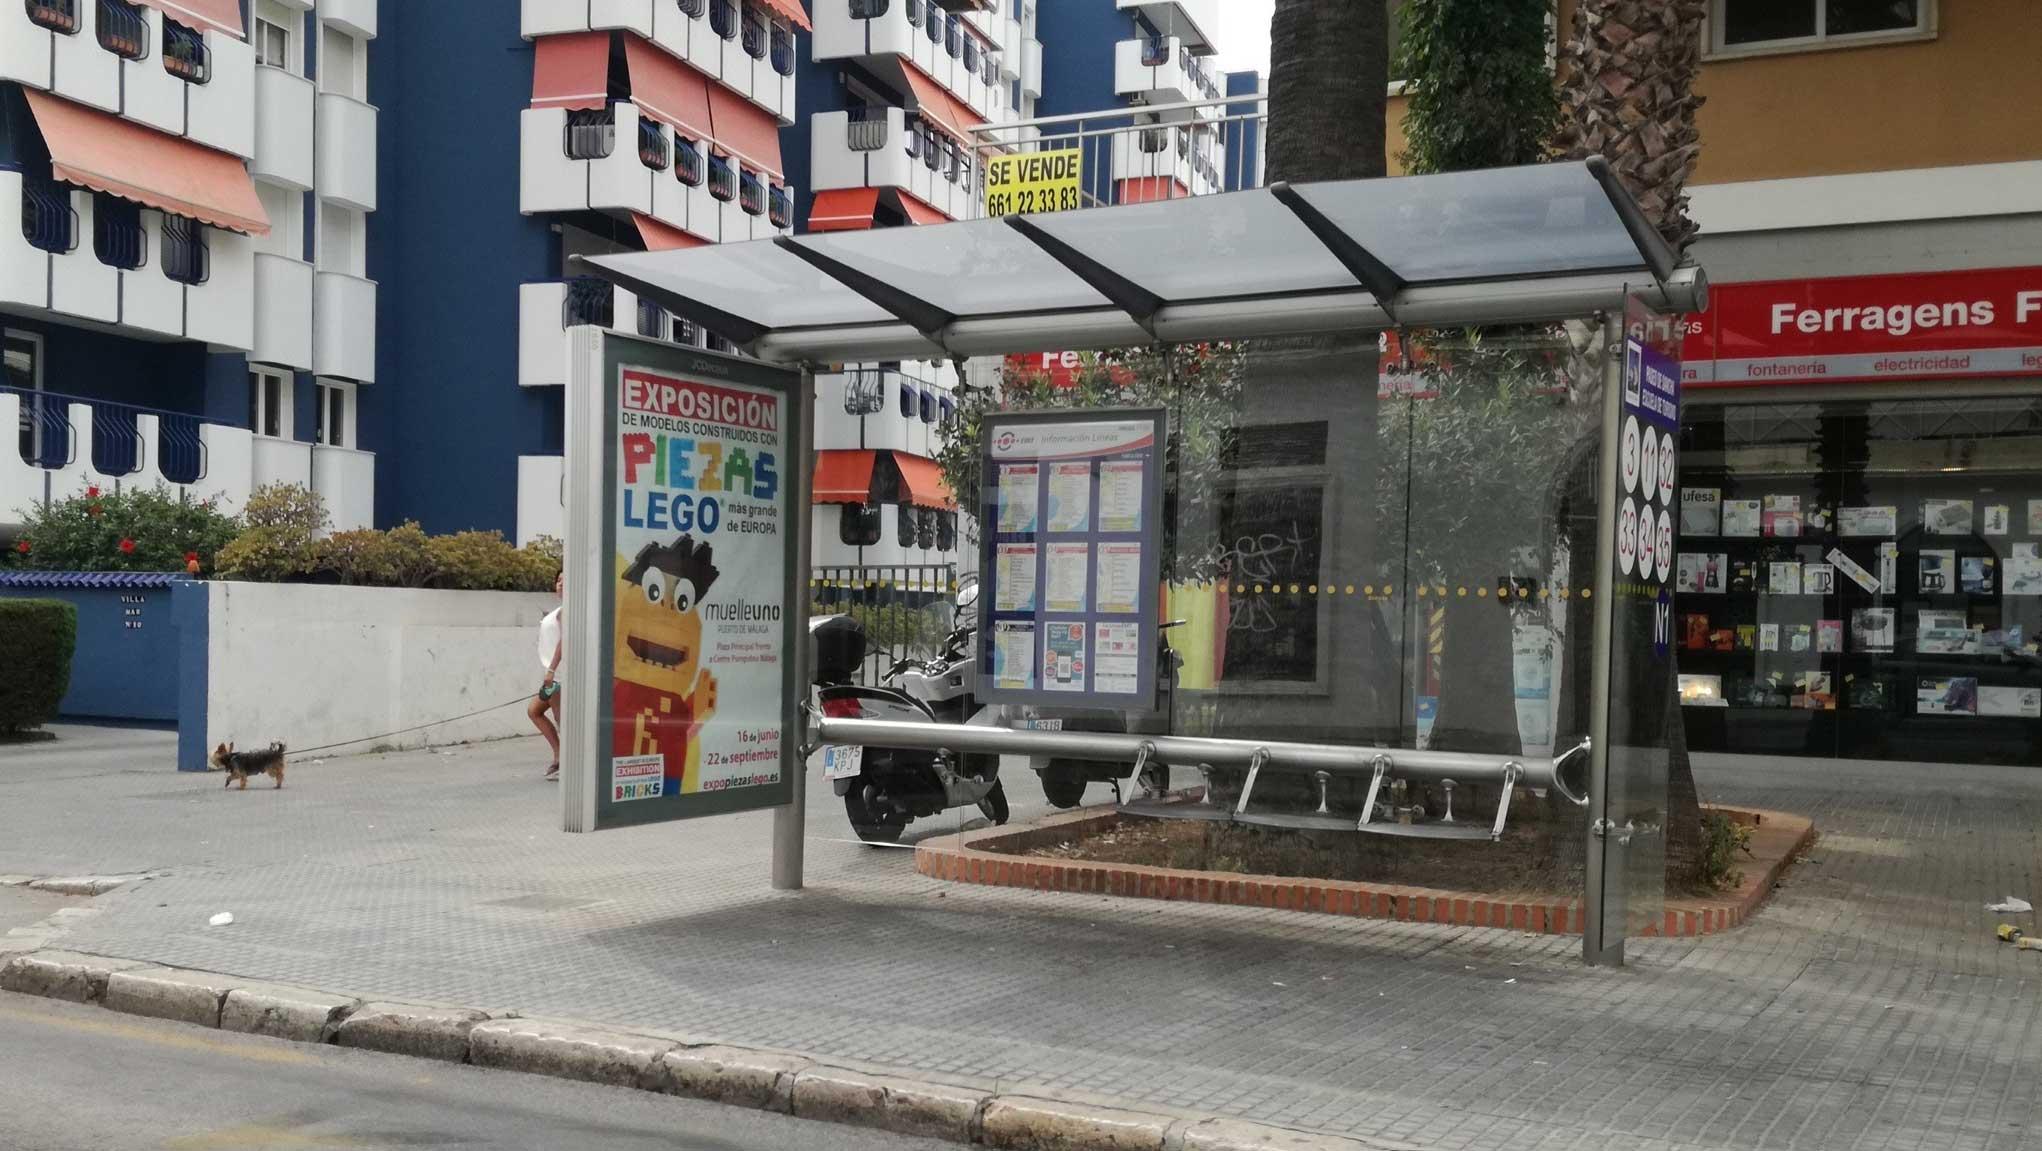 Publicidad exterior exposición lego